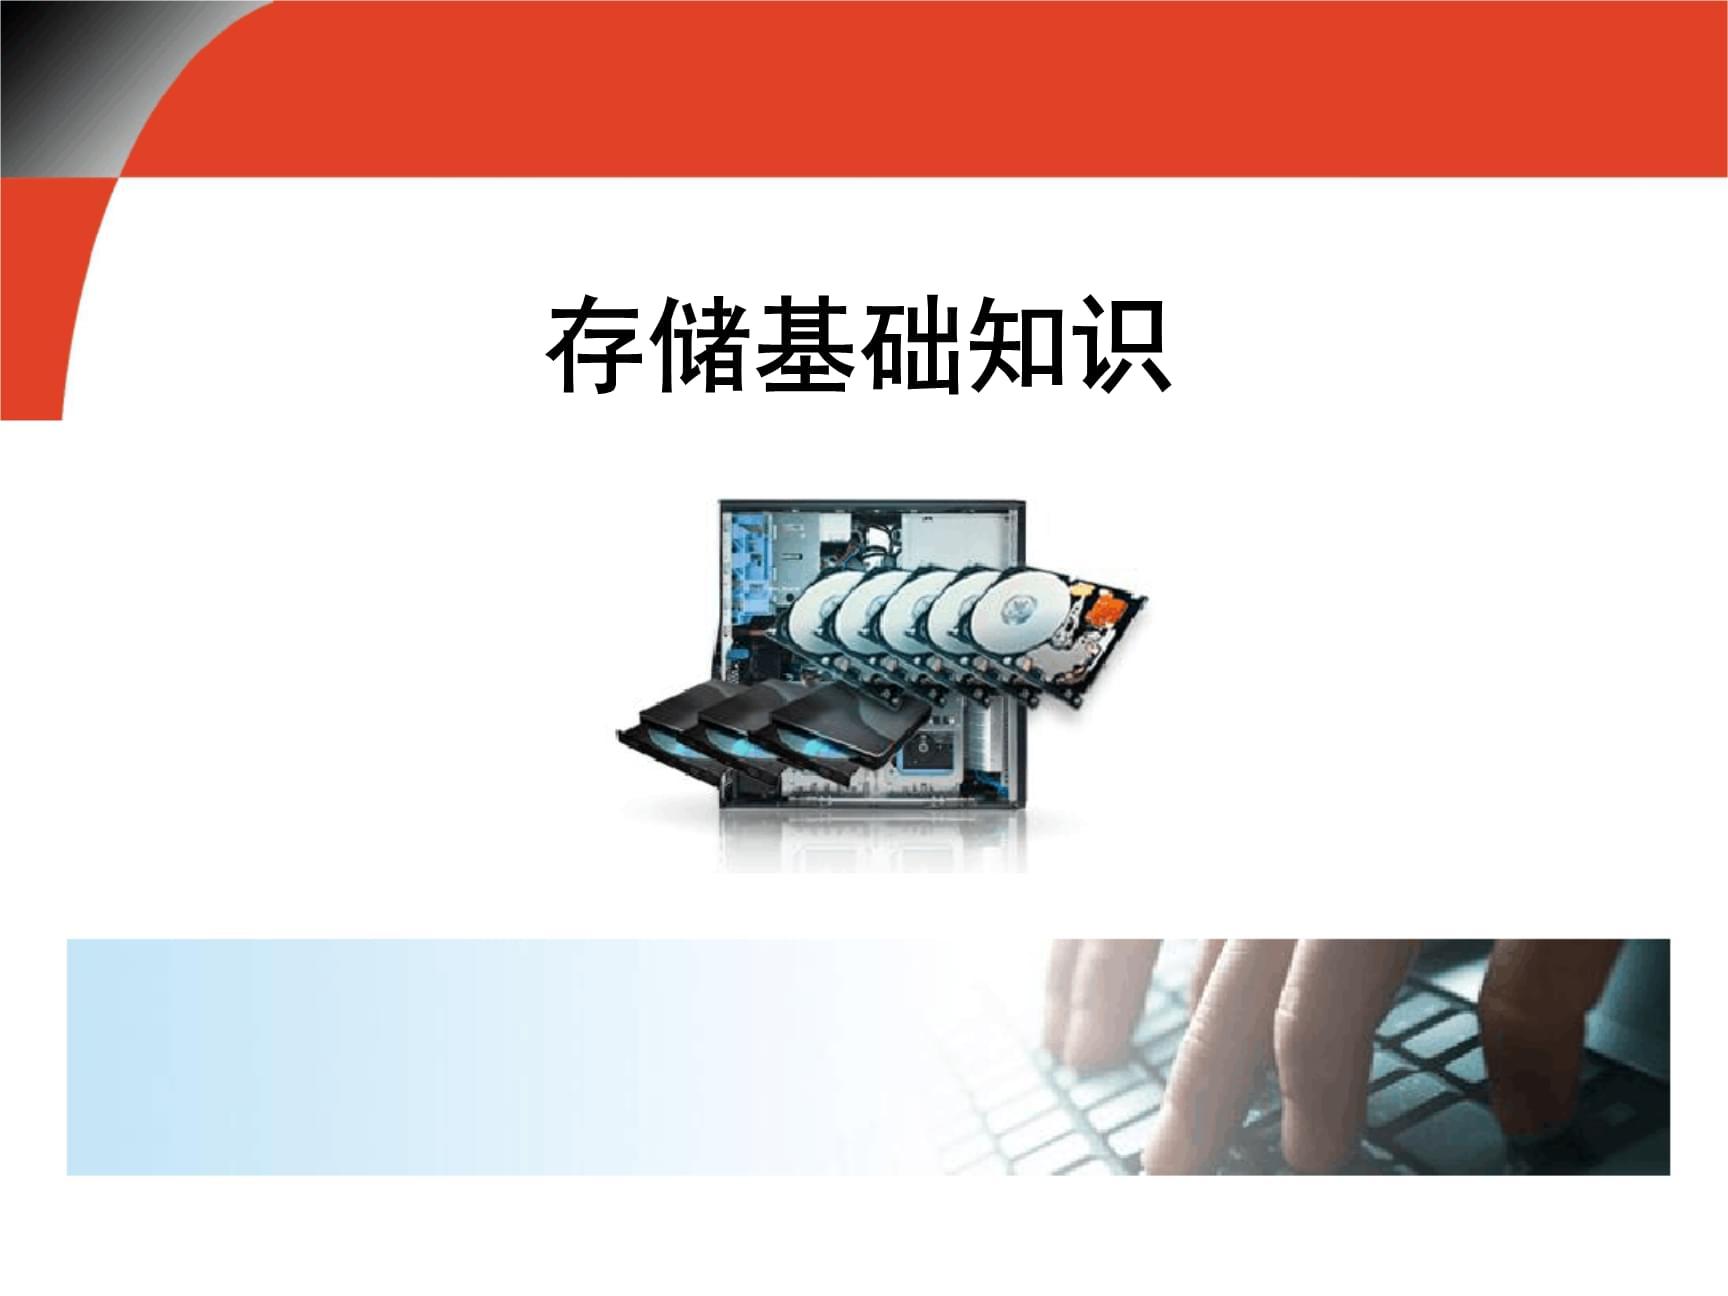 存储基础知识RAID及磁盘技术.ppt